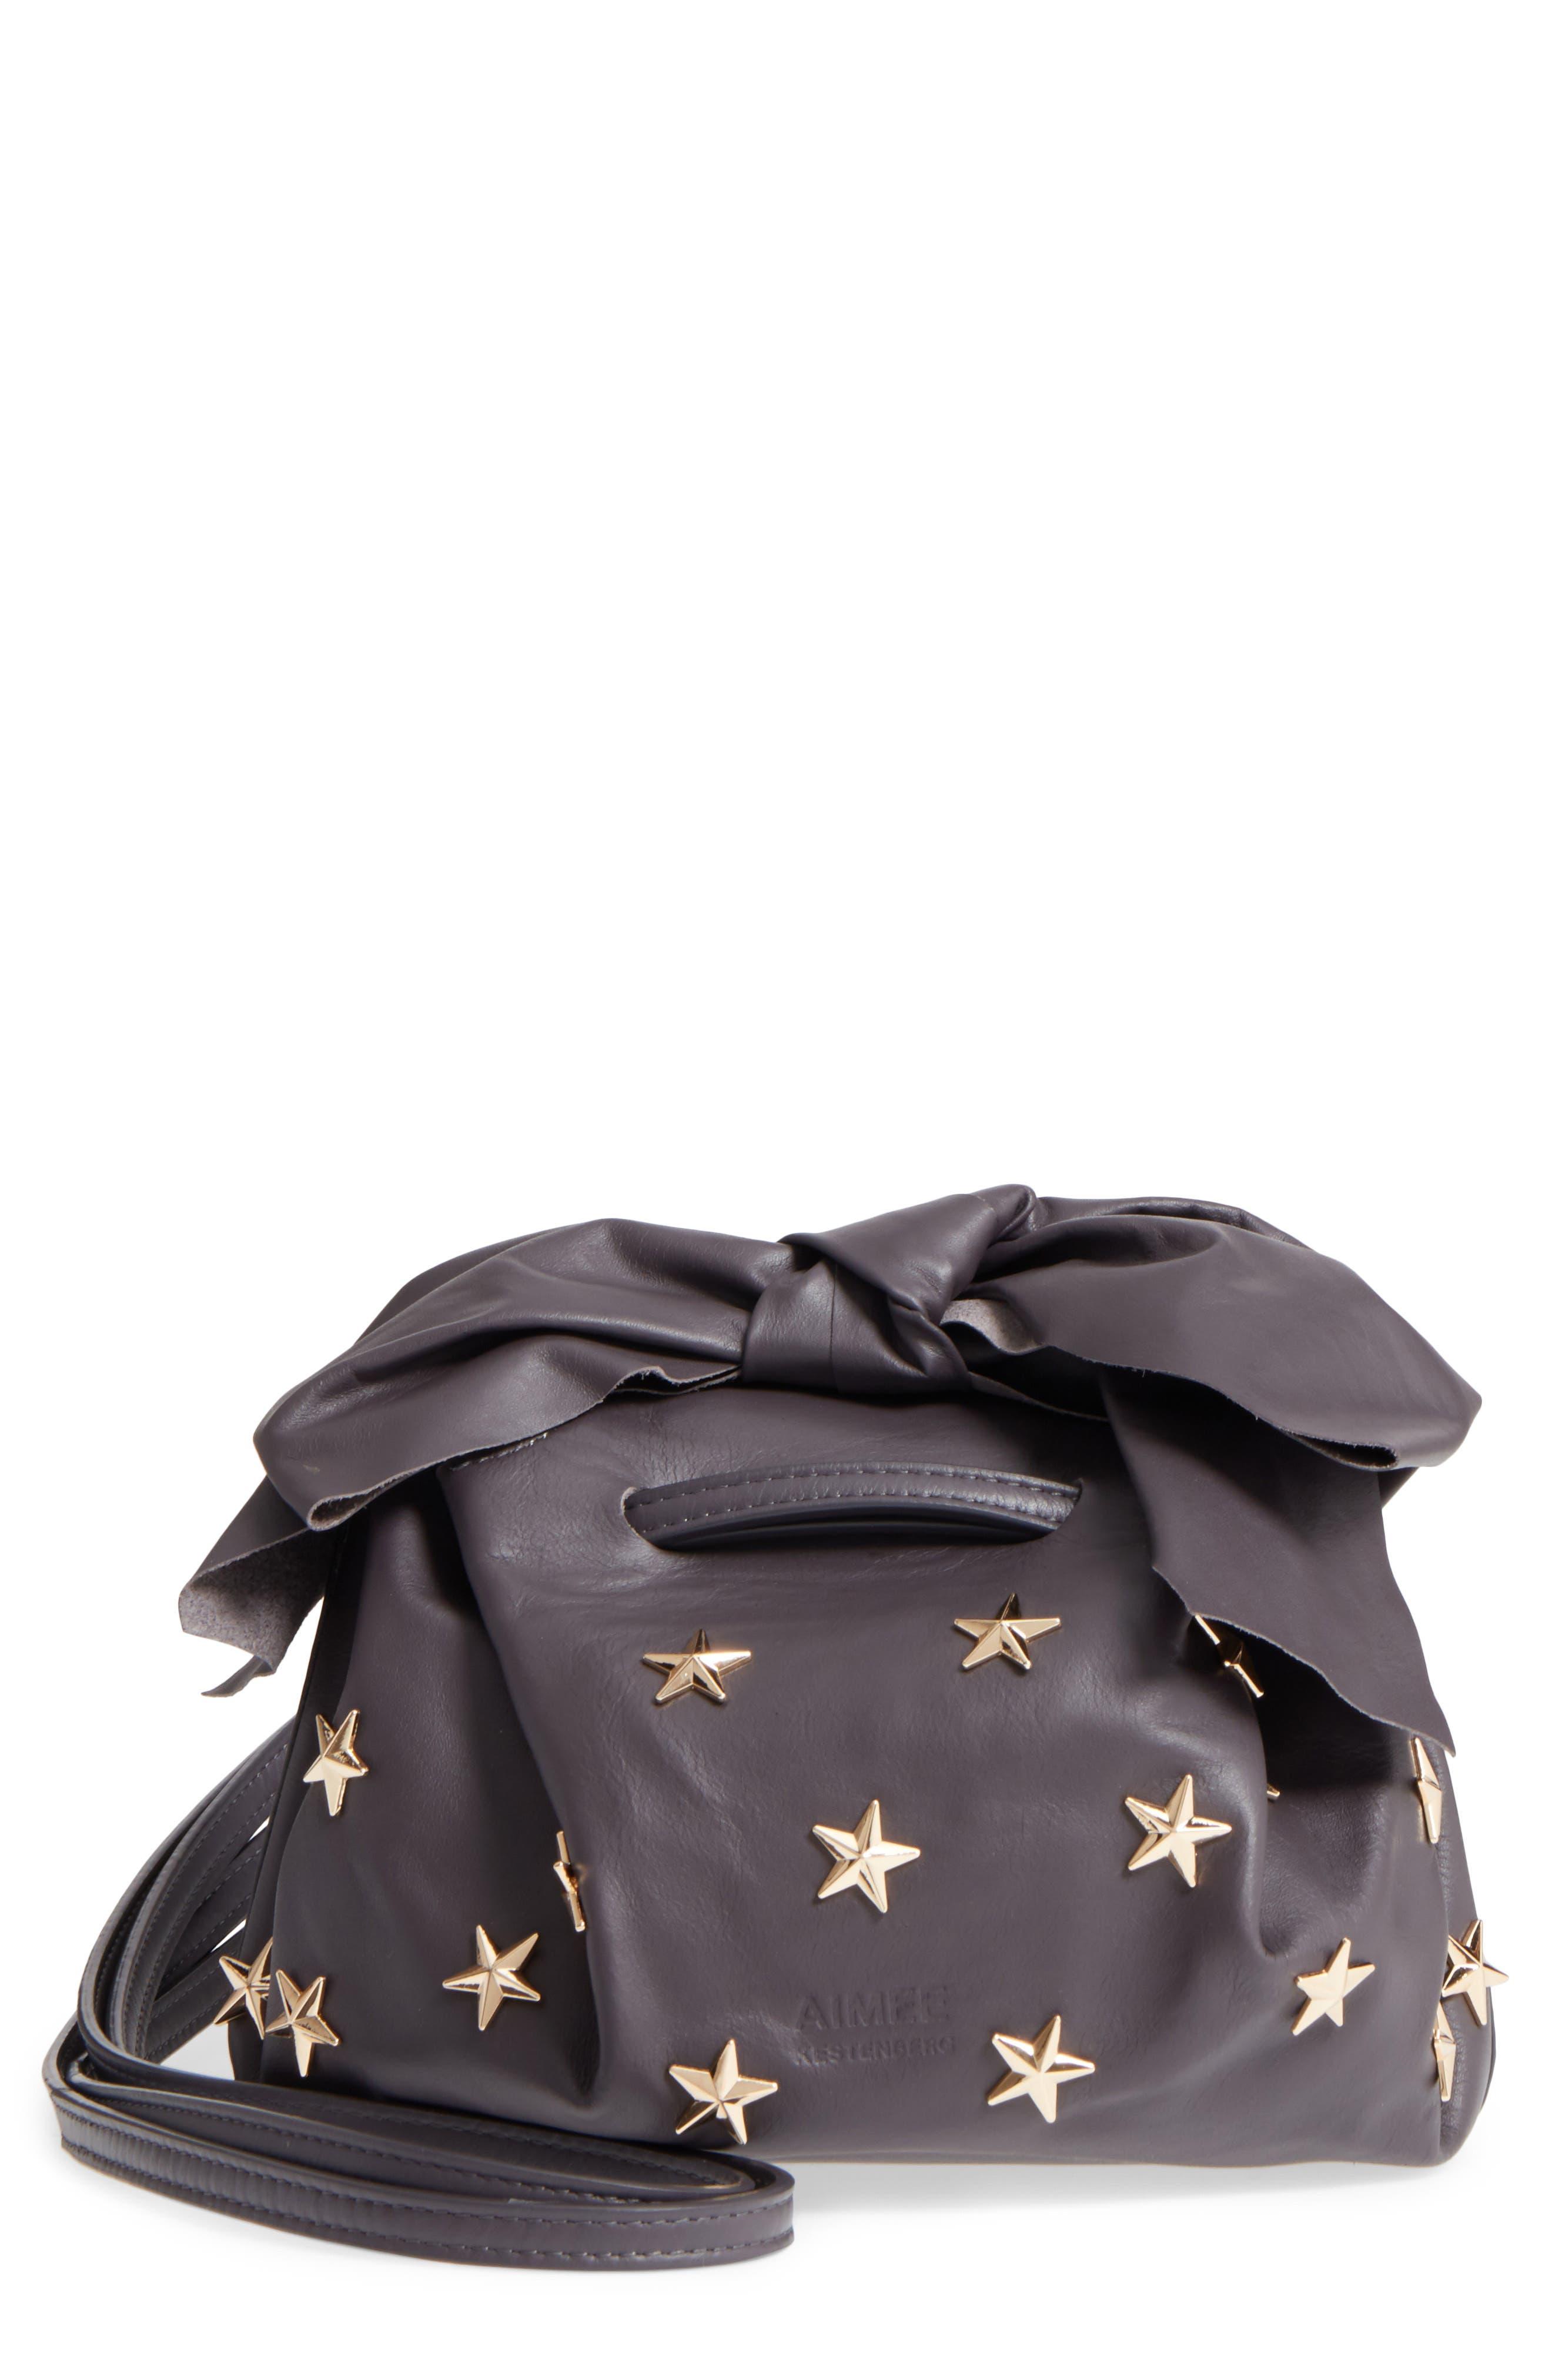 Soirée Star Stud Leather Crossbody Bag,                         Main,                         color,